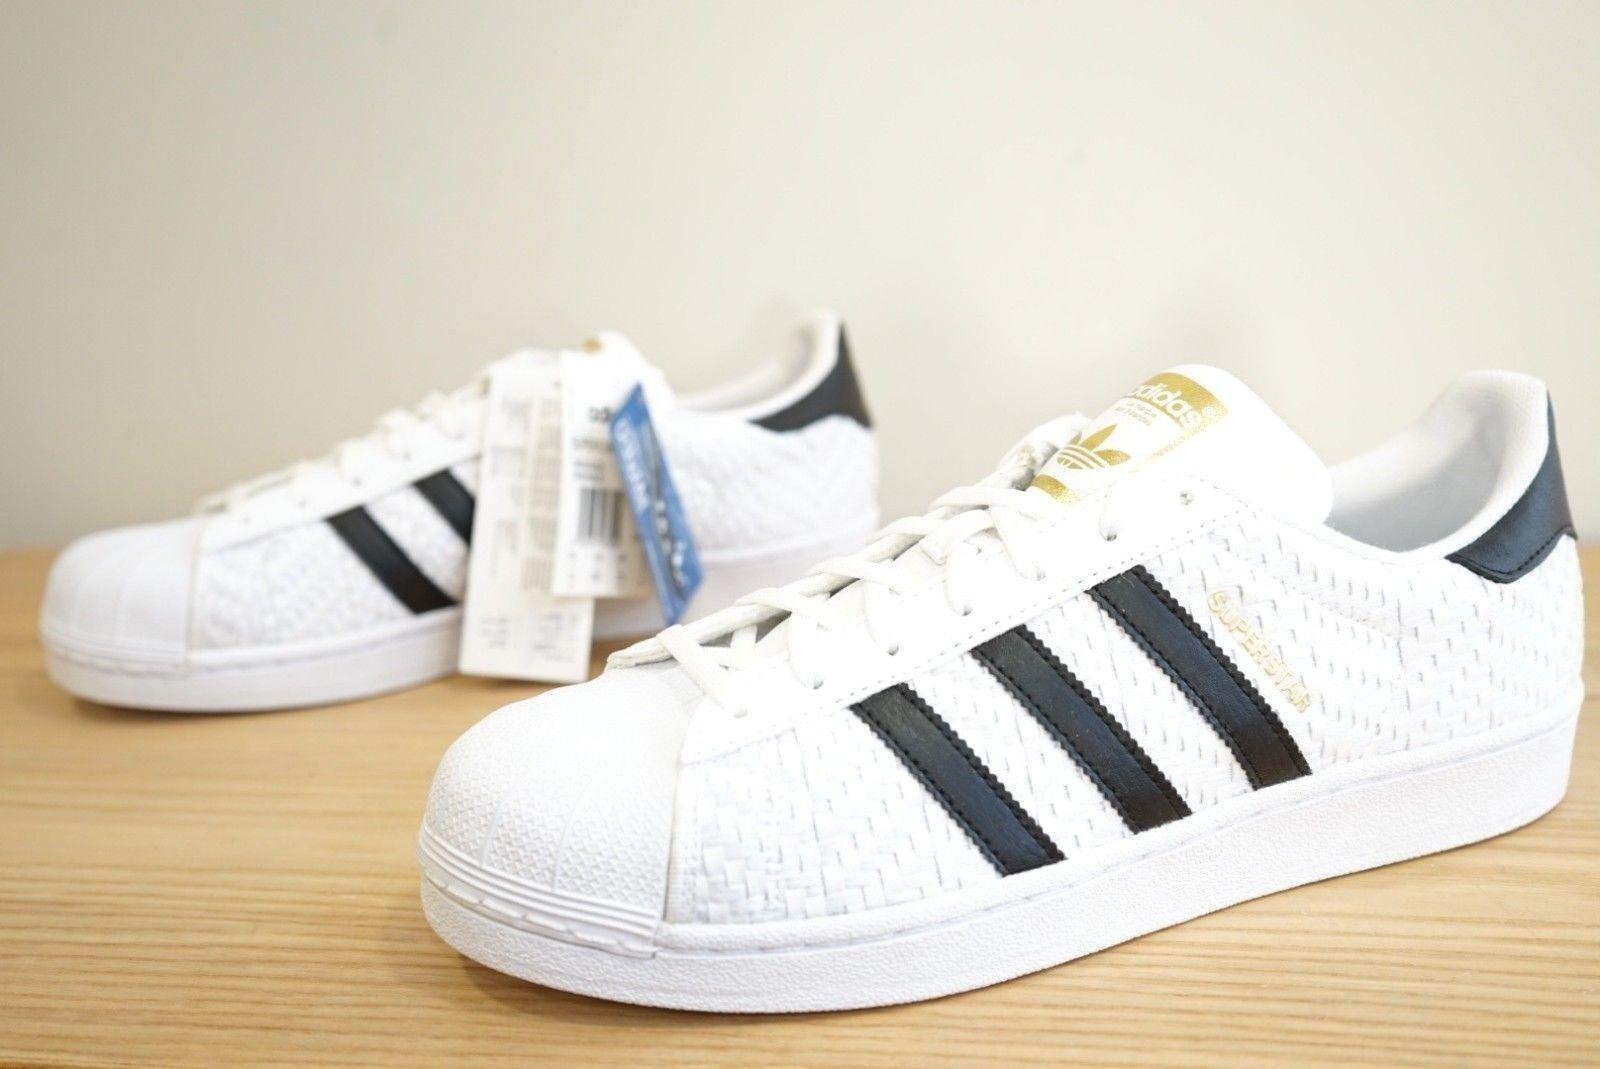 Adidas Superstar Originals blancoo Negro Tejido Zapatillas para hombre Talla 9.5 UK (qbx)